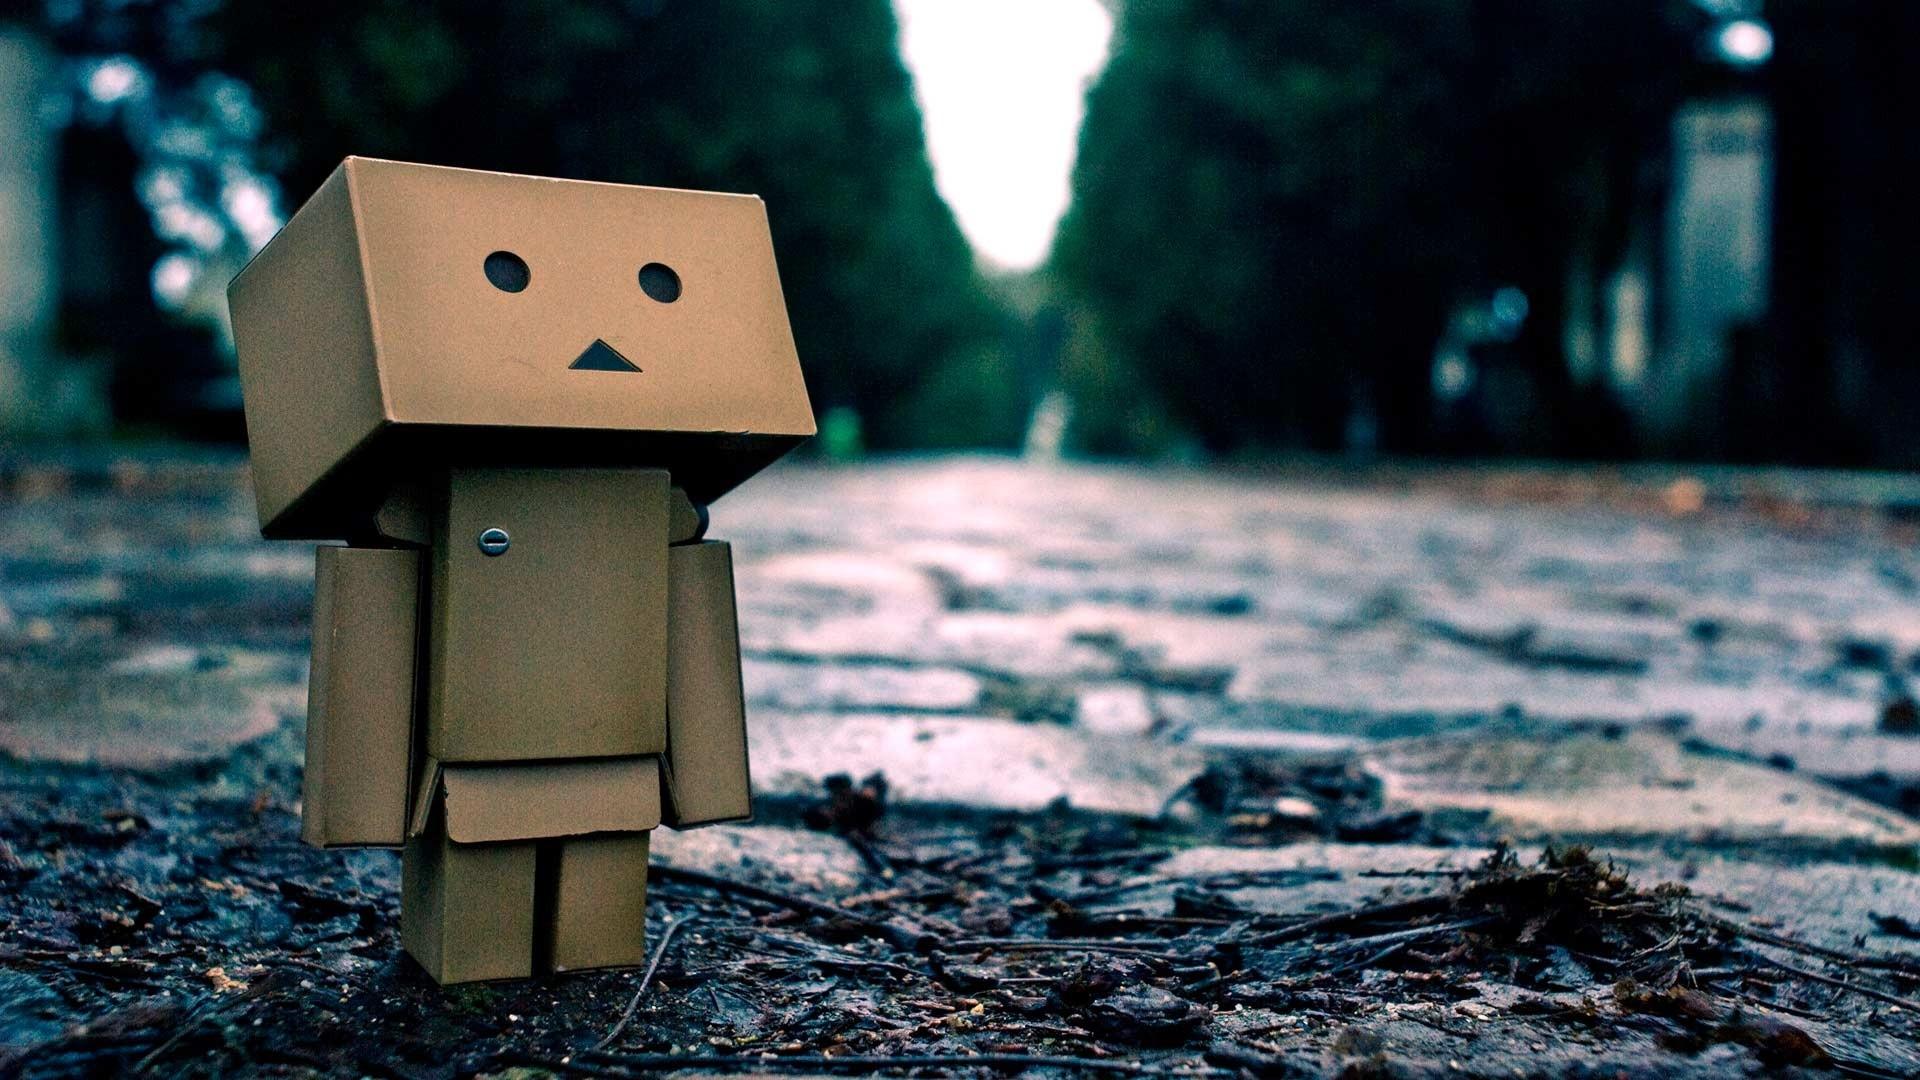 Alone Picture